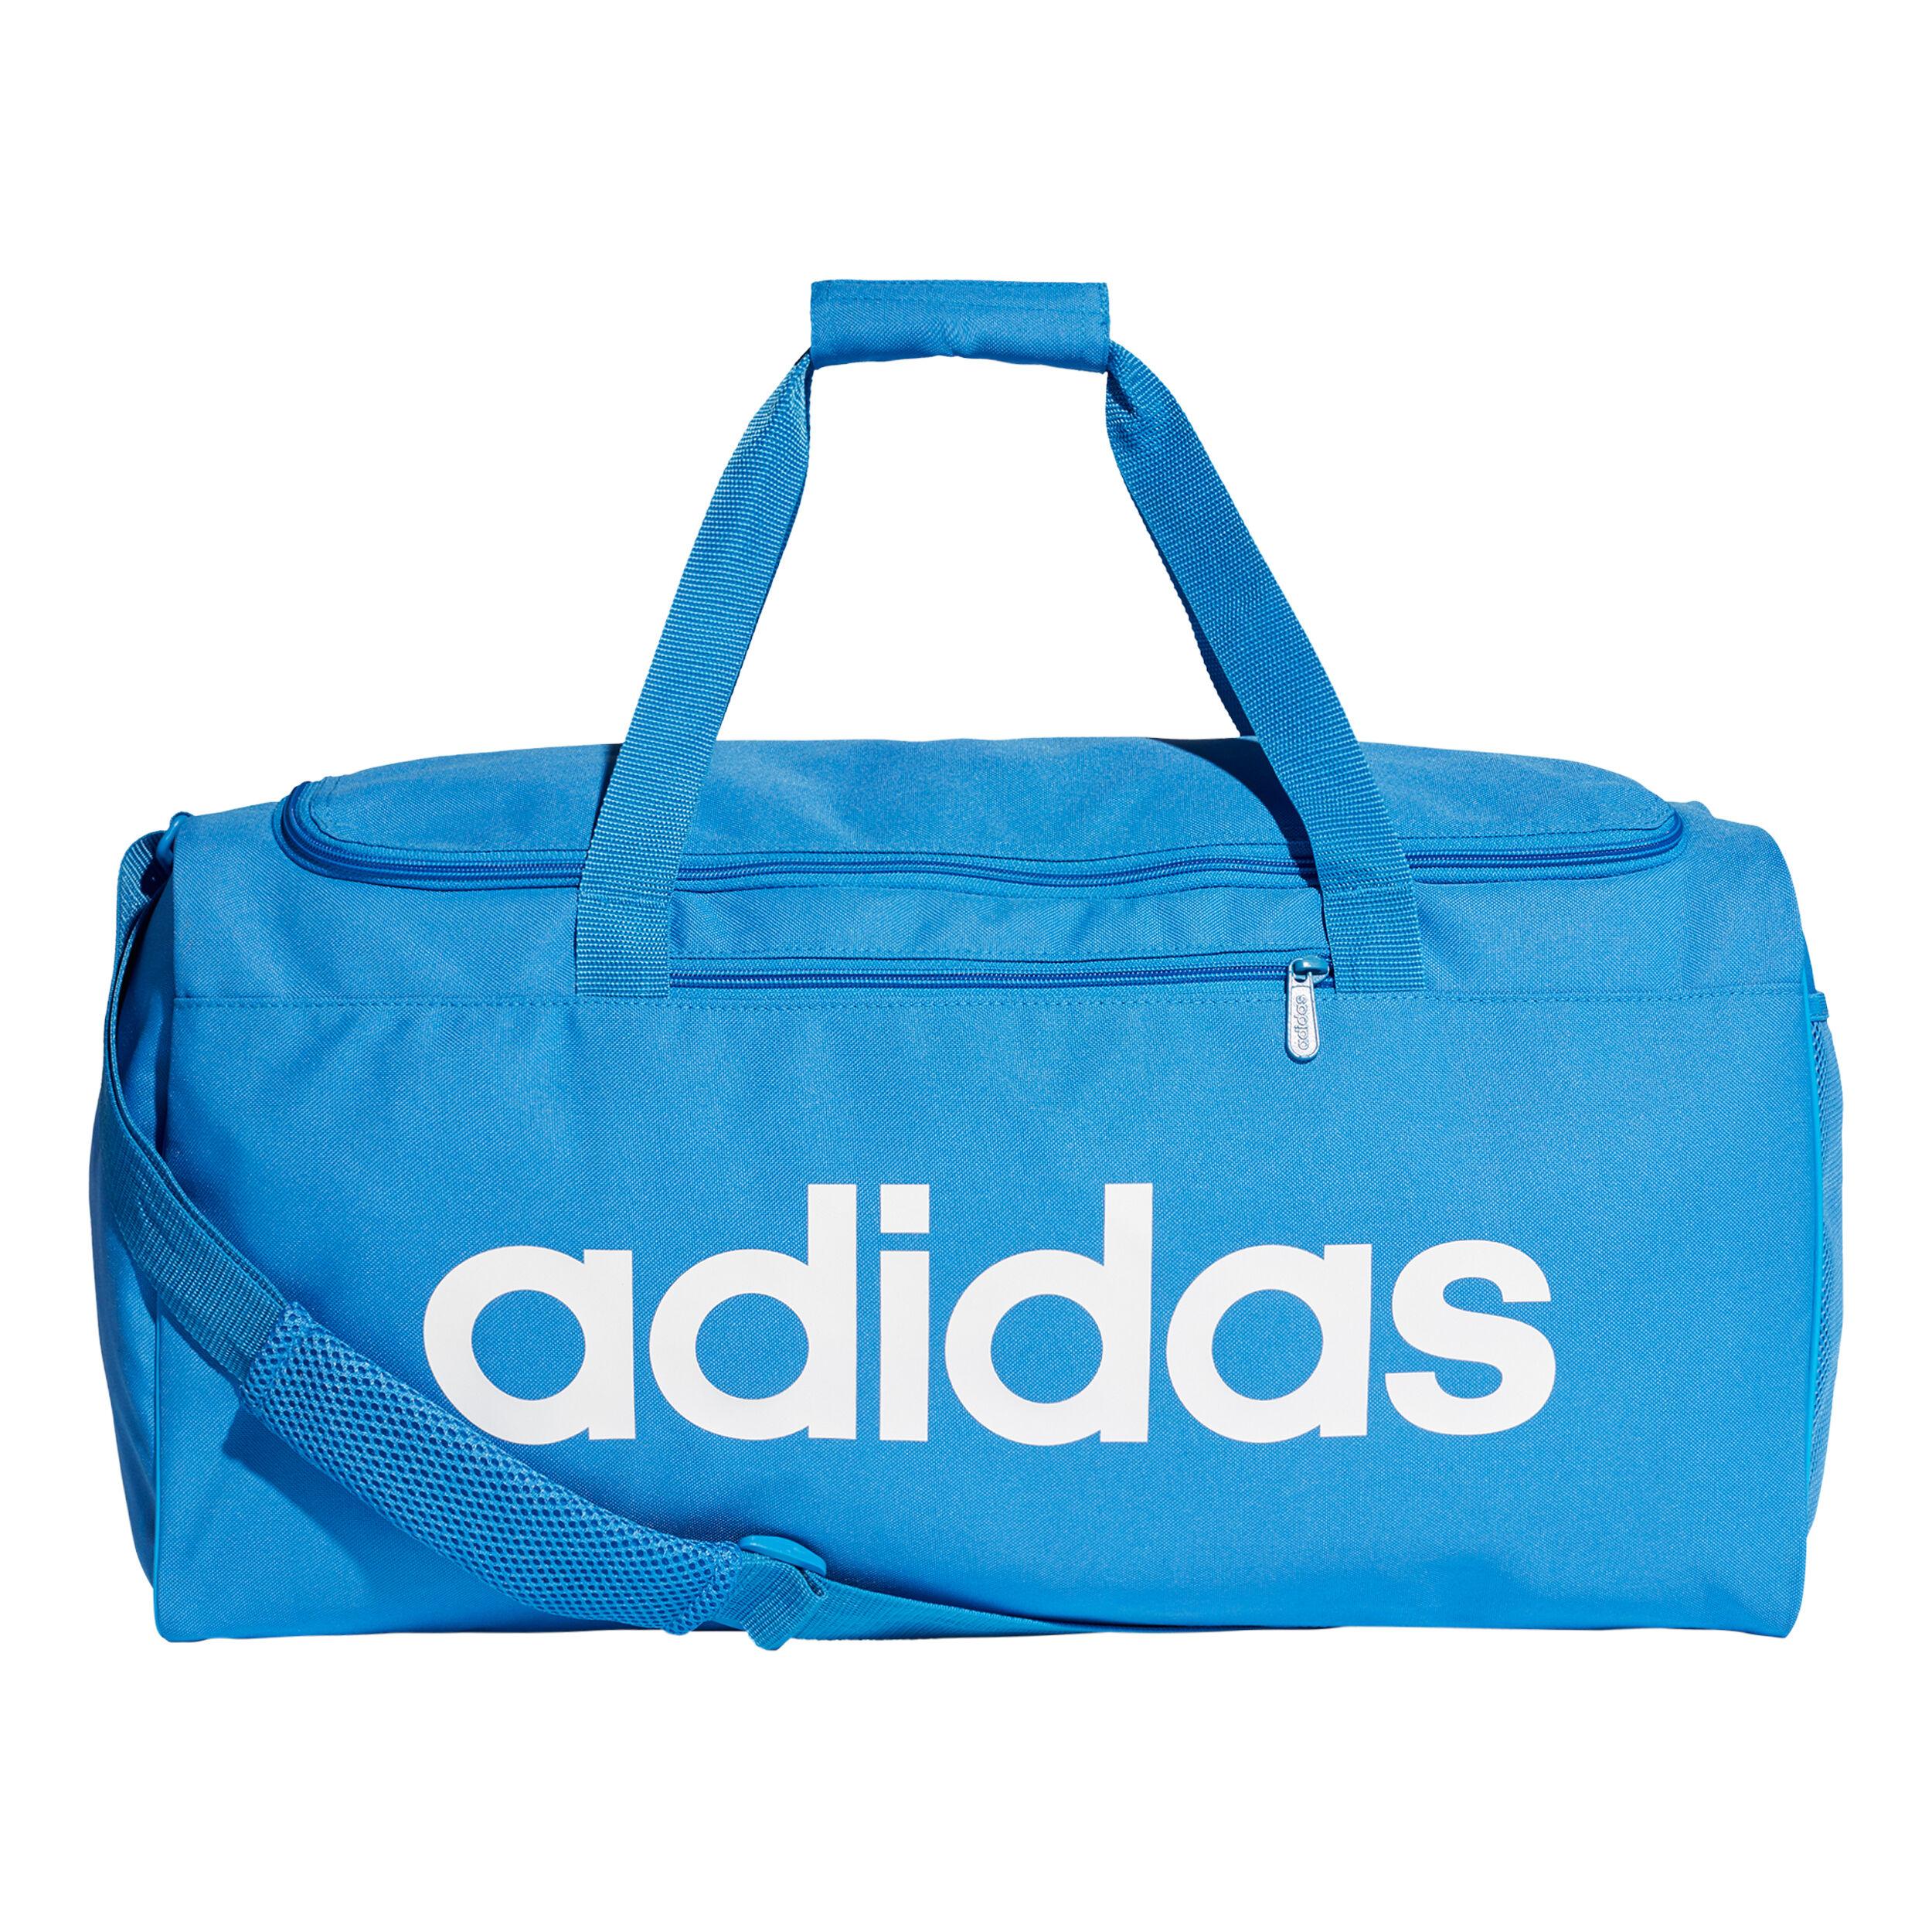 sporttaschen von adidas im jahr 2000 in weiß